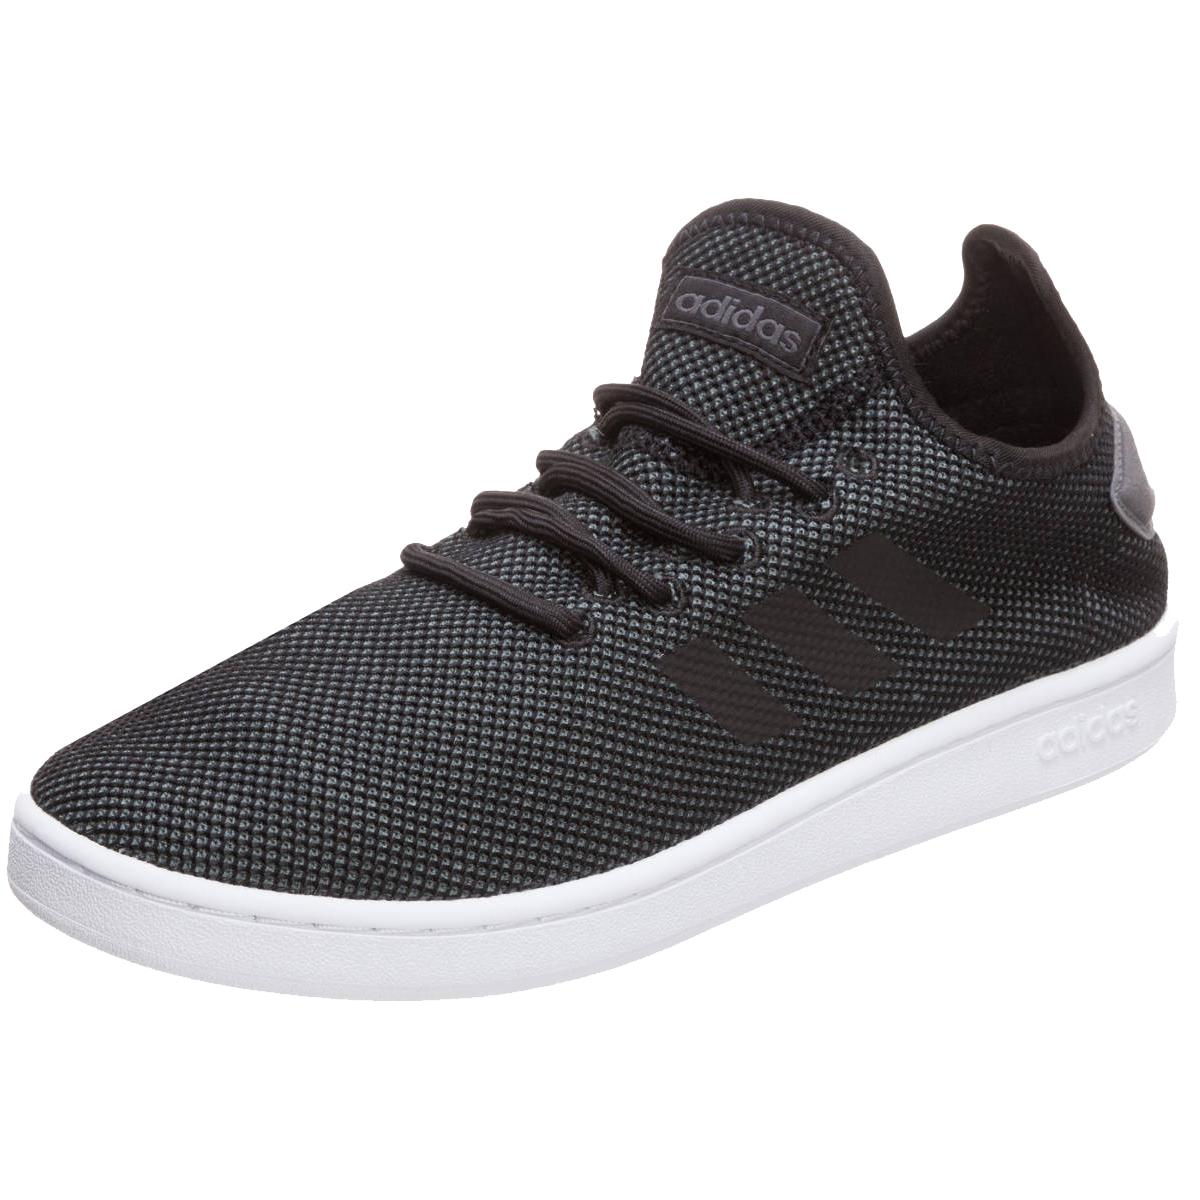 アディダス COURTADAPT2.0 M (F36418) メンズ スニーカー : ブラック×グレー adidas